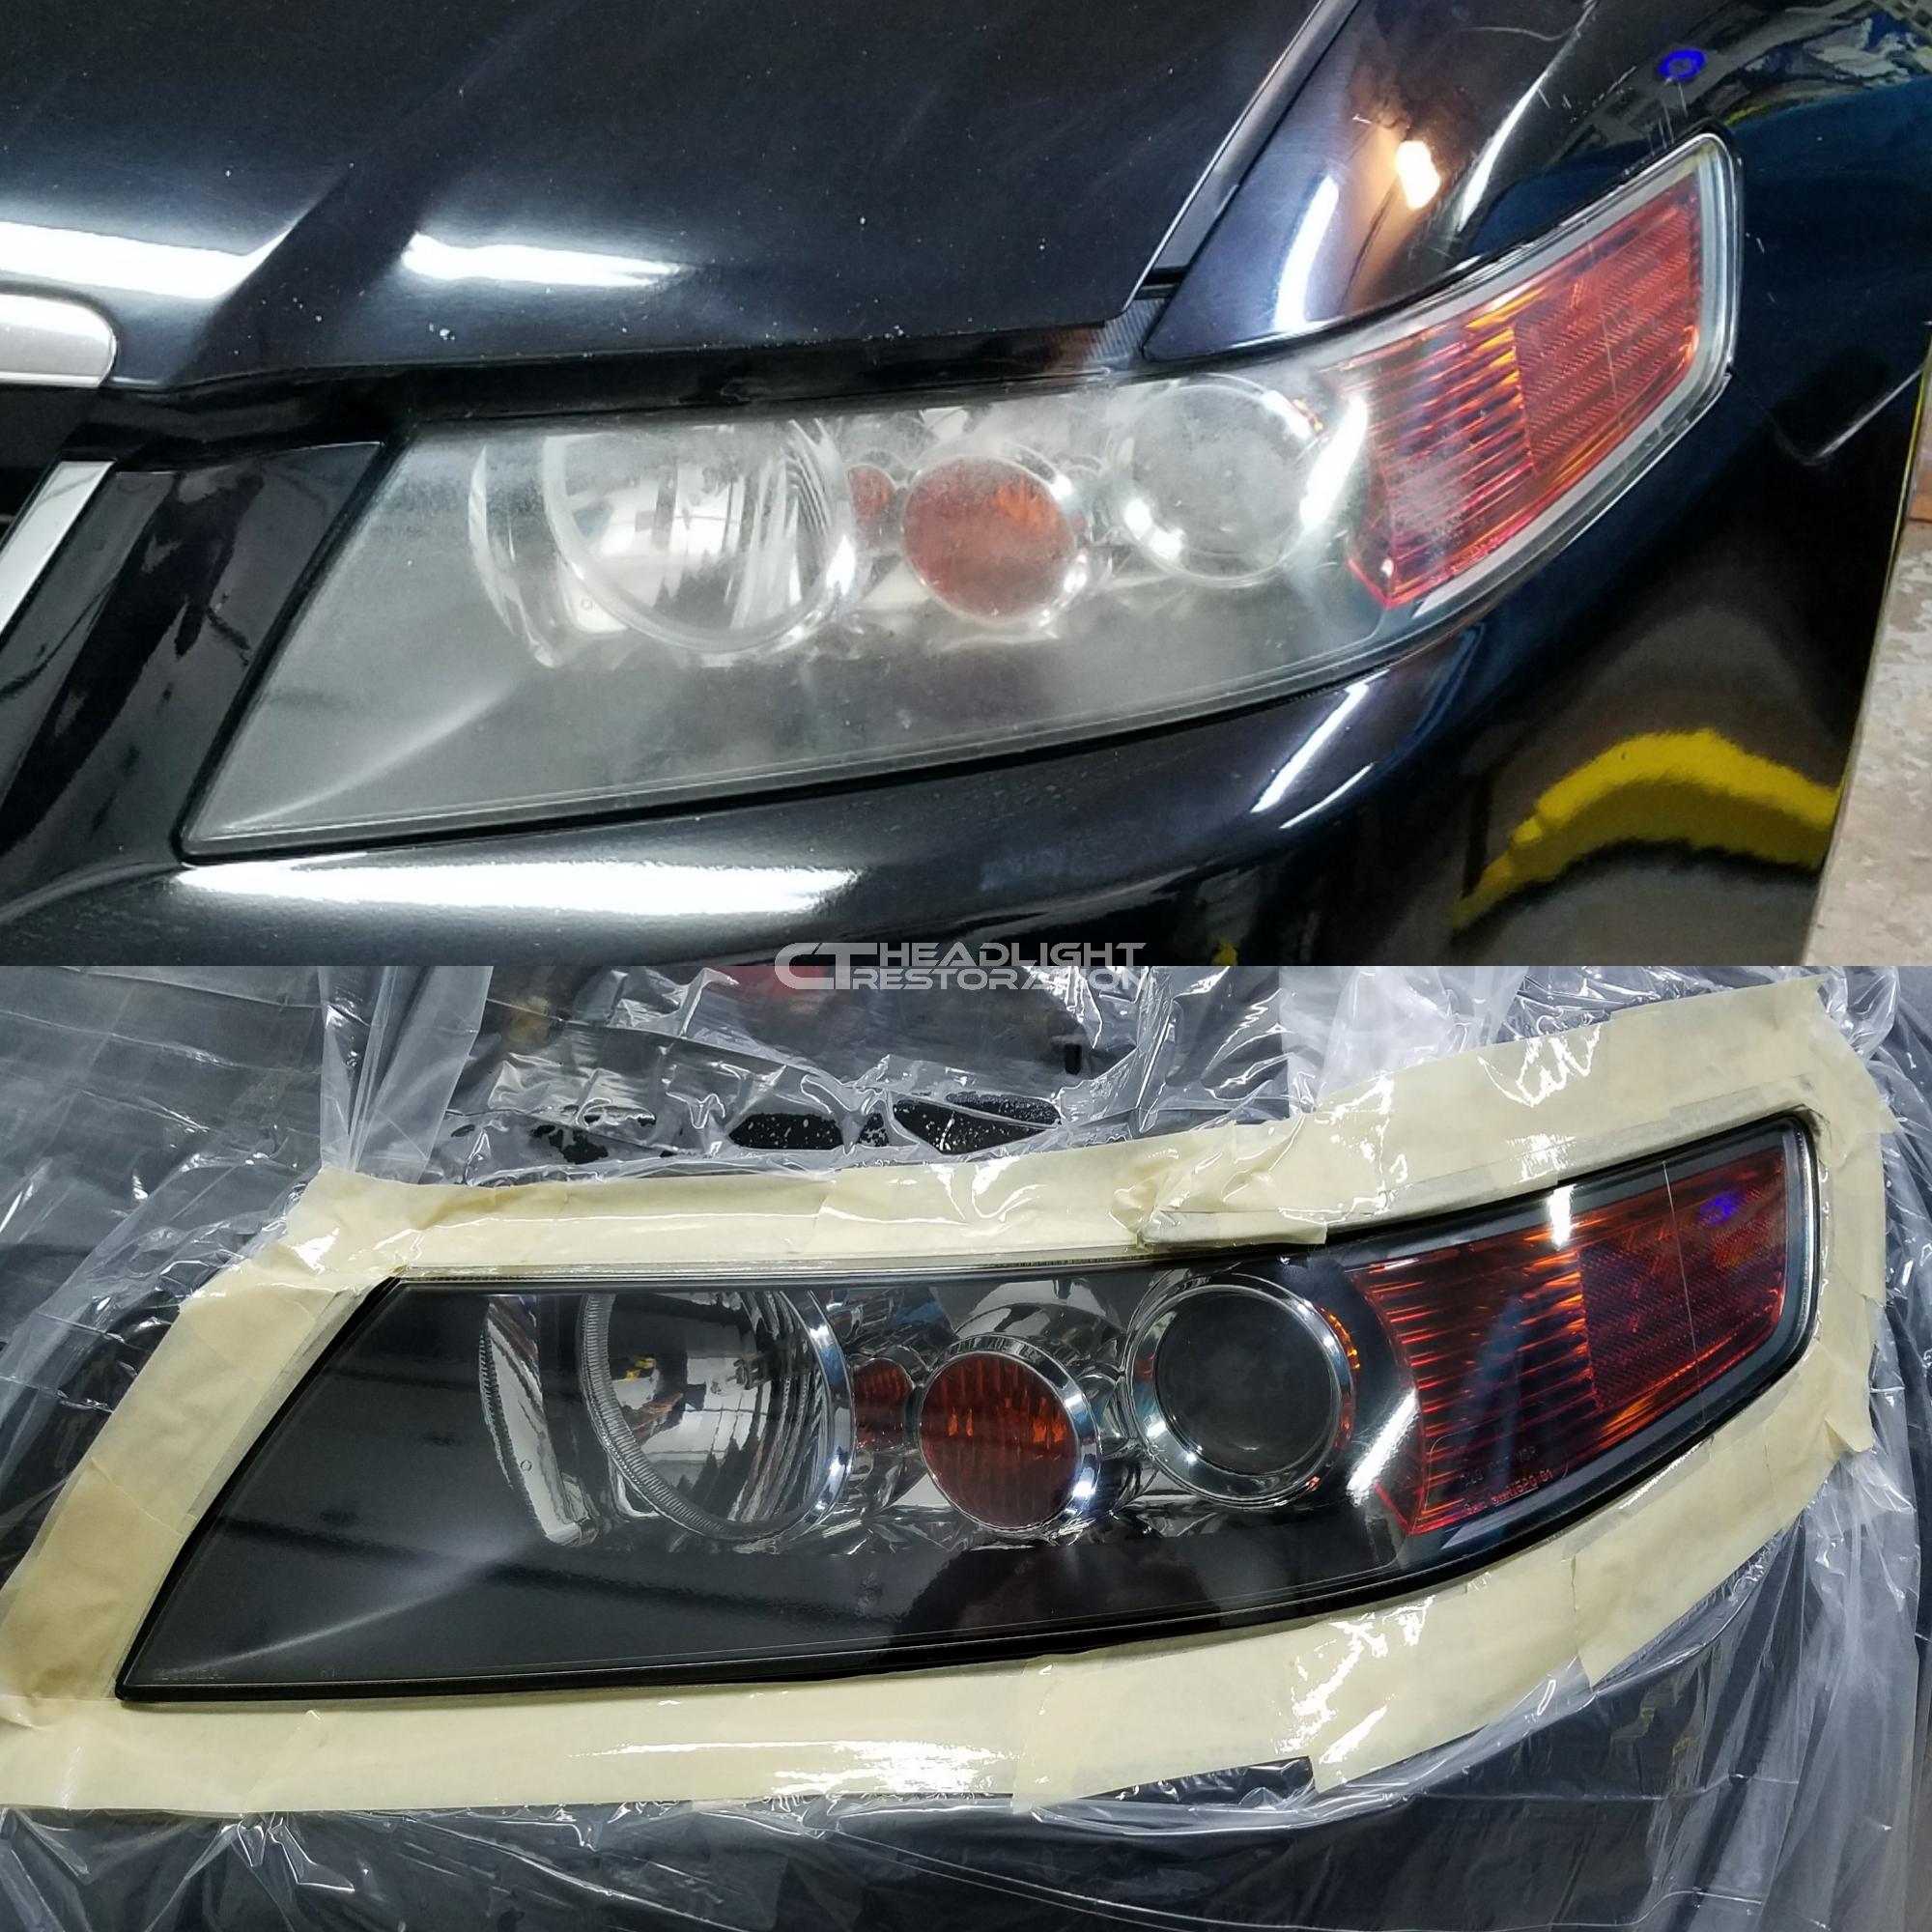 CT Headlight Restoration